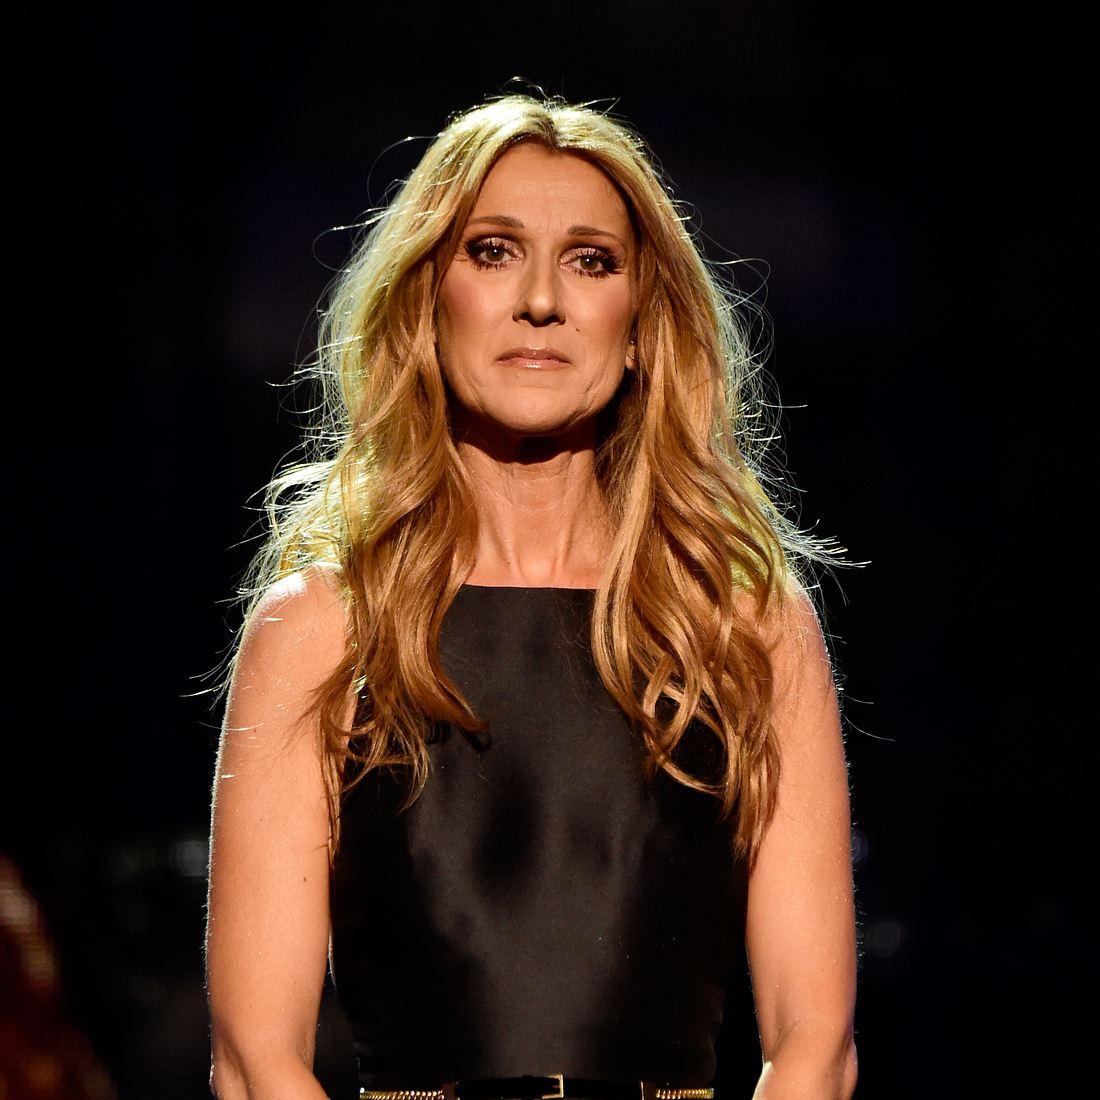 Furchtbarer Schicksalsschlag für Celine Dion